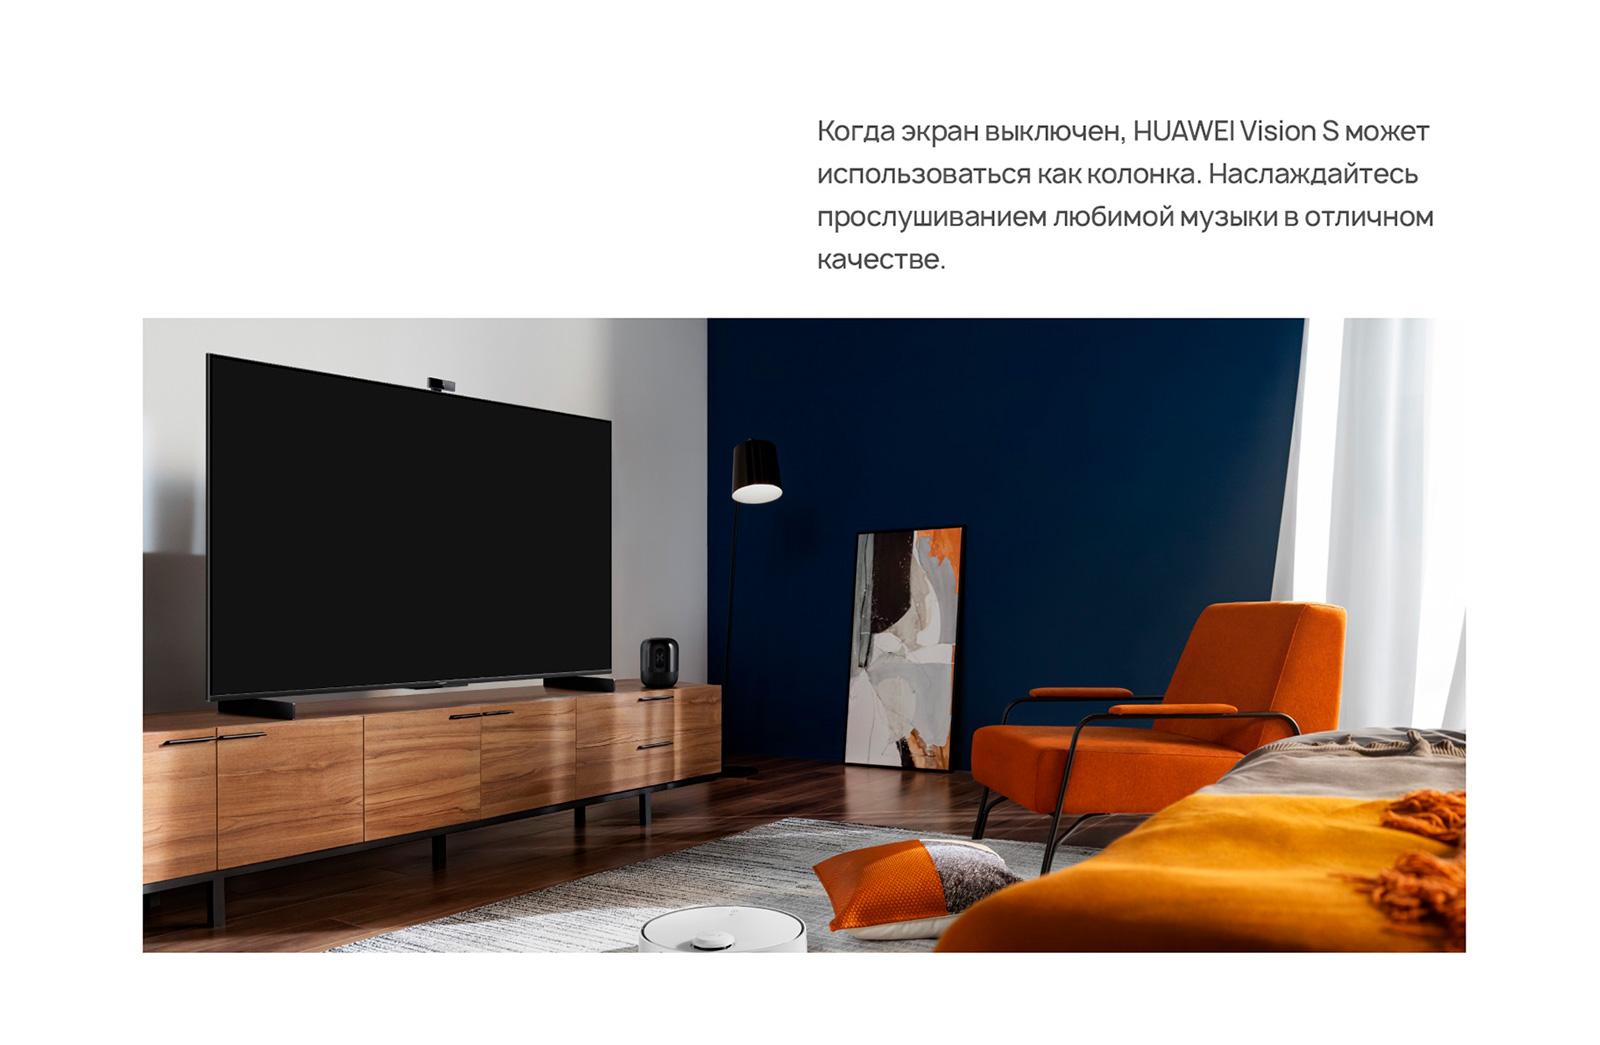 Бирюльки №645. Умная панель вместо привычного телевизора